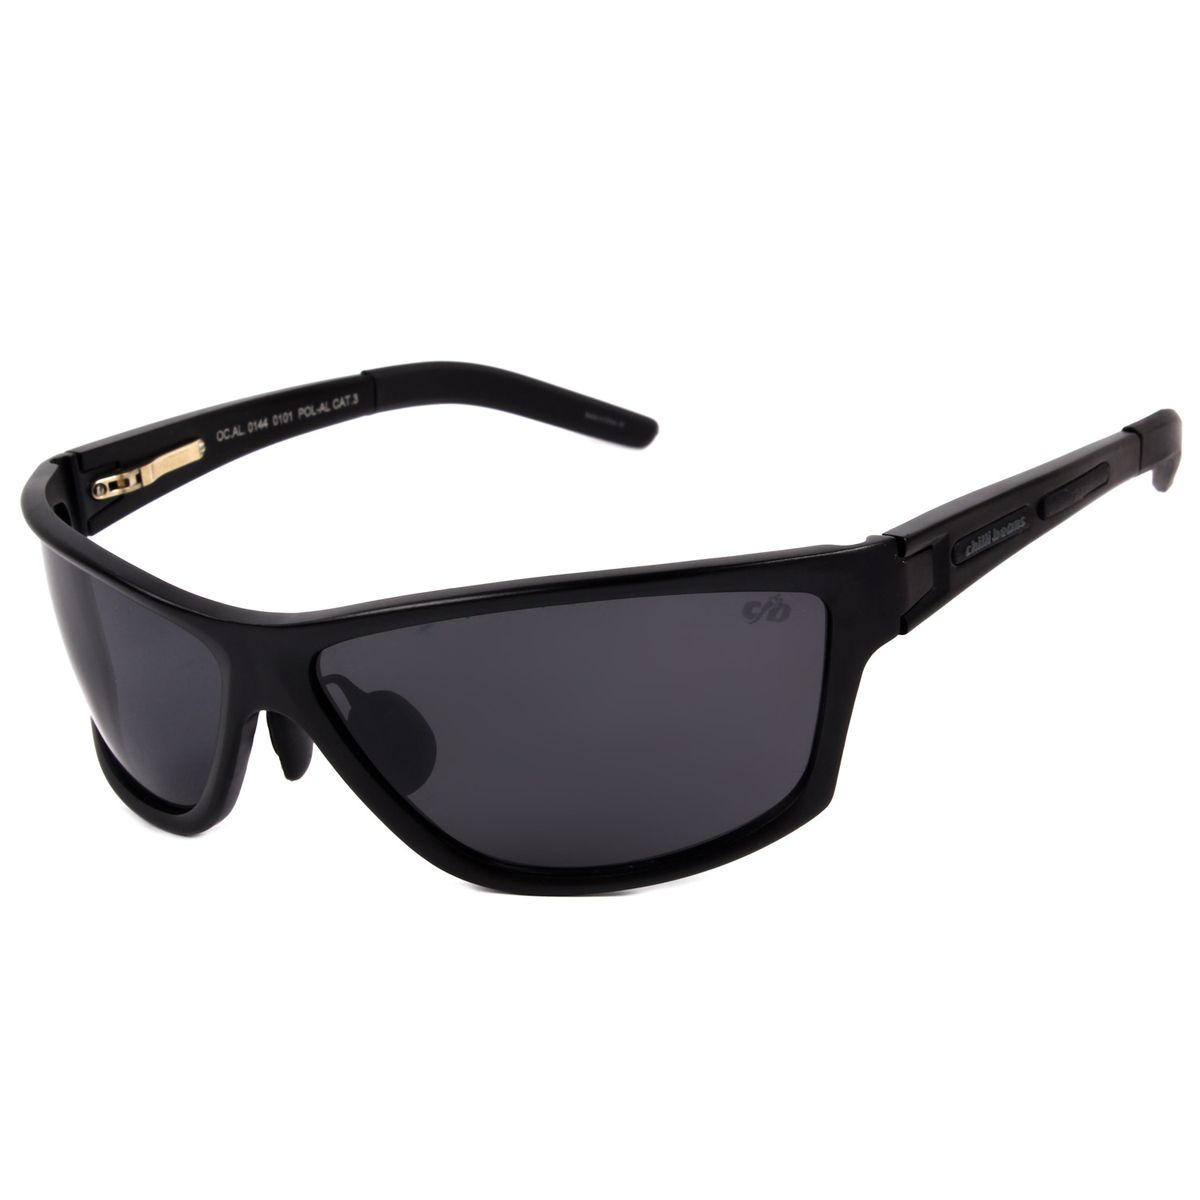 f7651abf9 Óculos de Sol Masculino Chilli Beans Preto 0144 - Chilli Beans